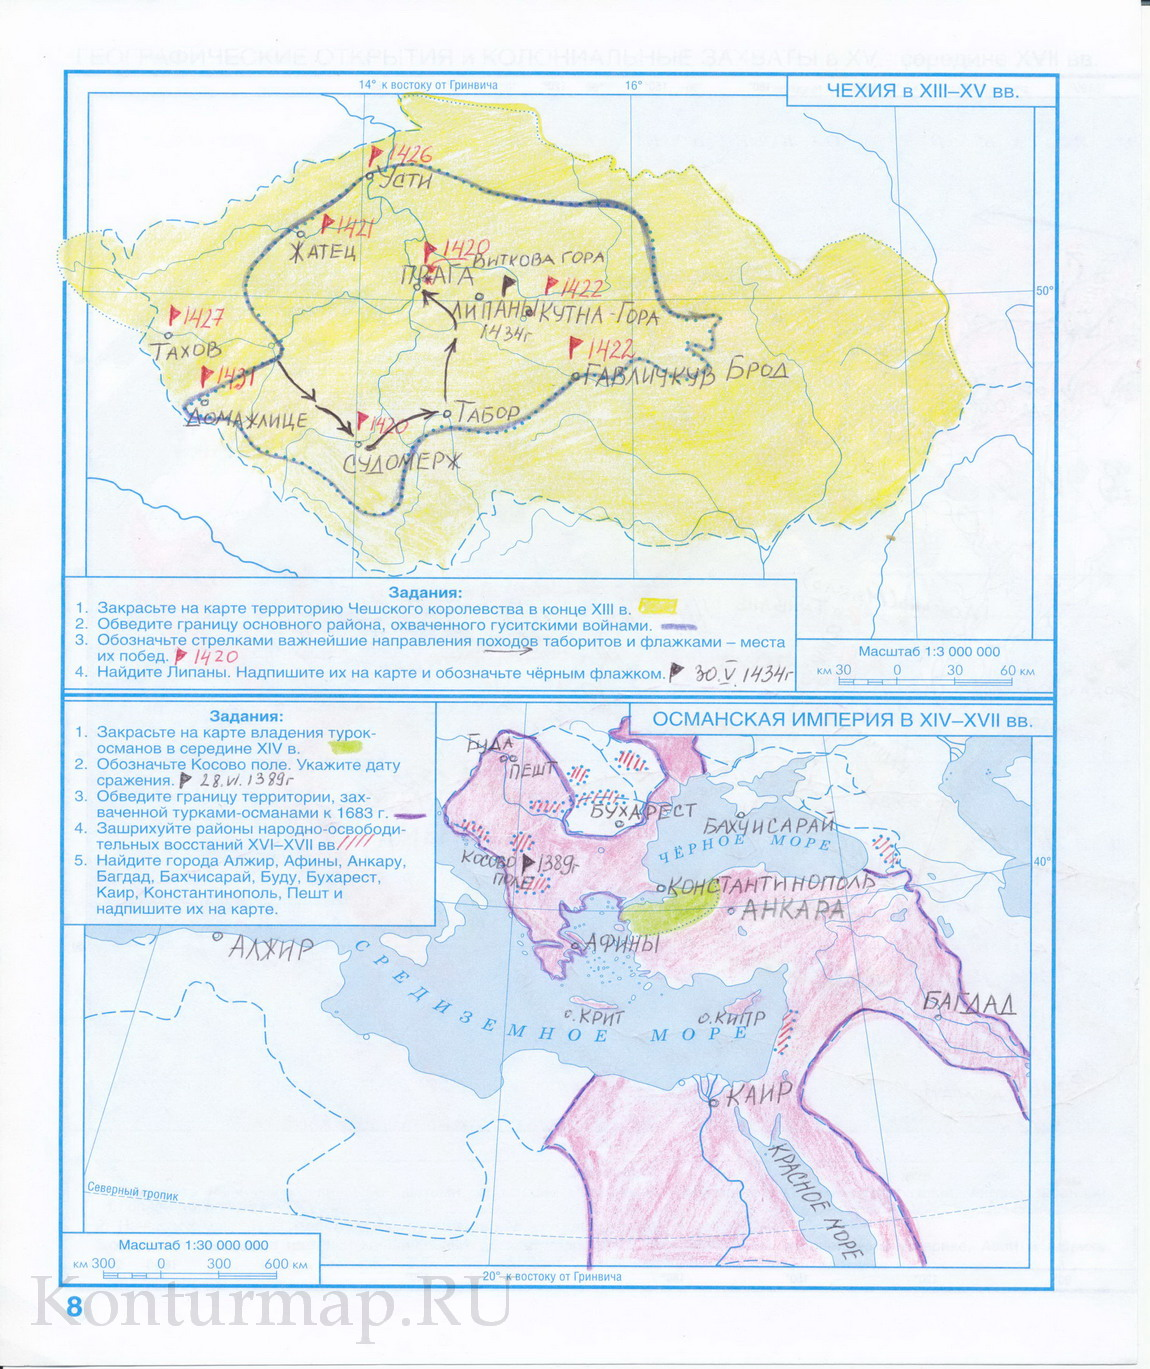 Готовая контурная карта по истории 6 класс чехия 13-15 век